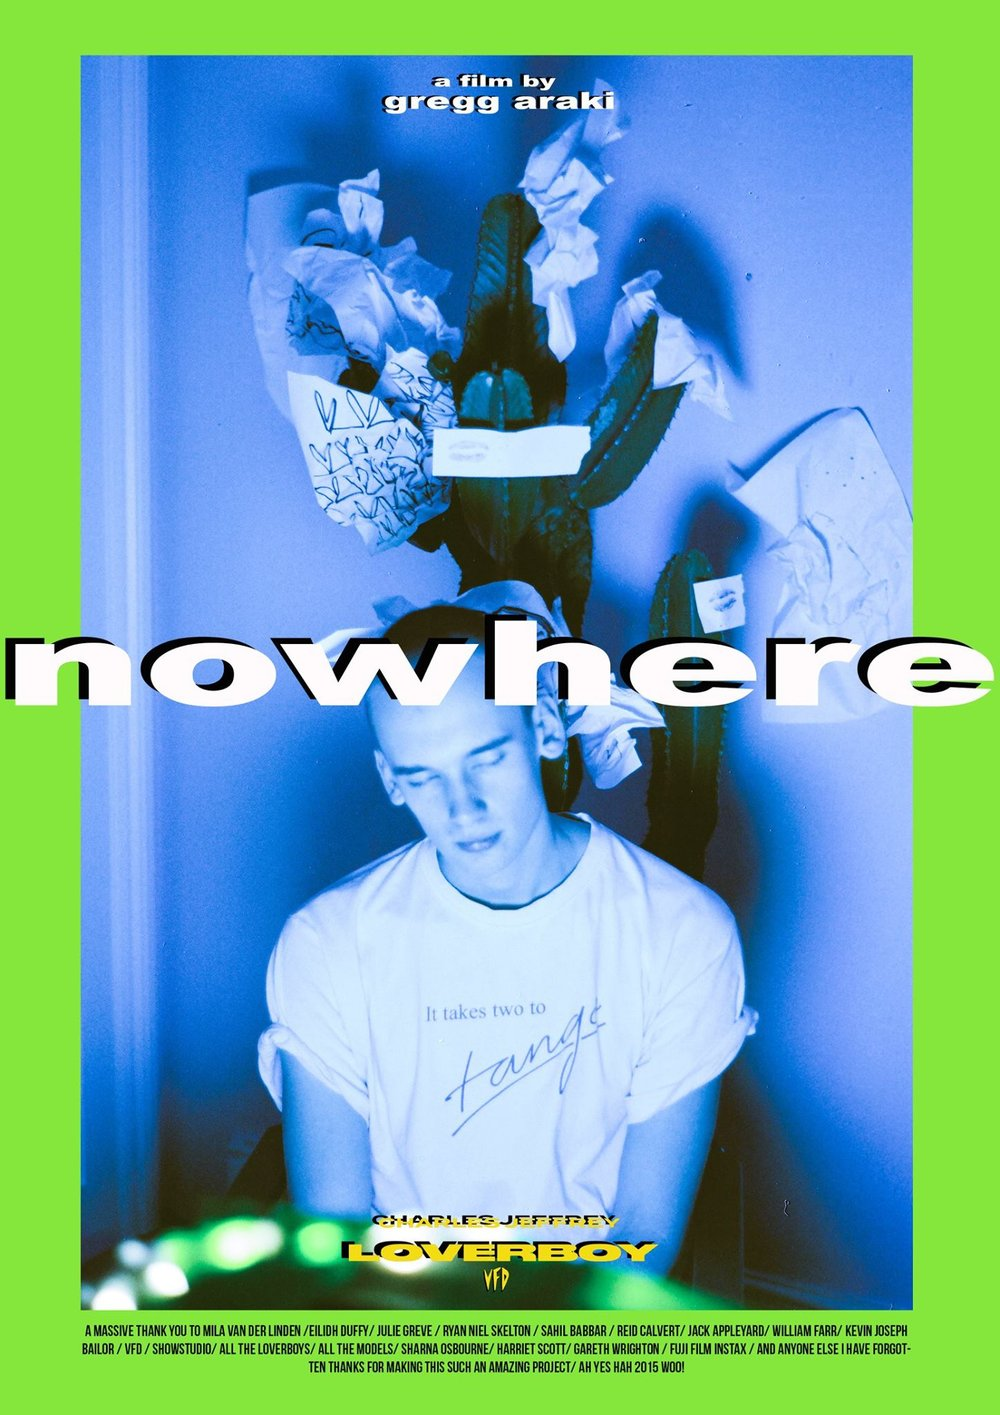 Nowhere_film-Nght_nov24.jpg